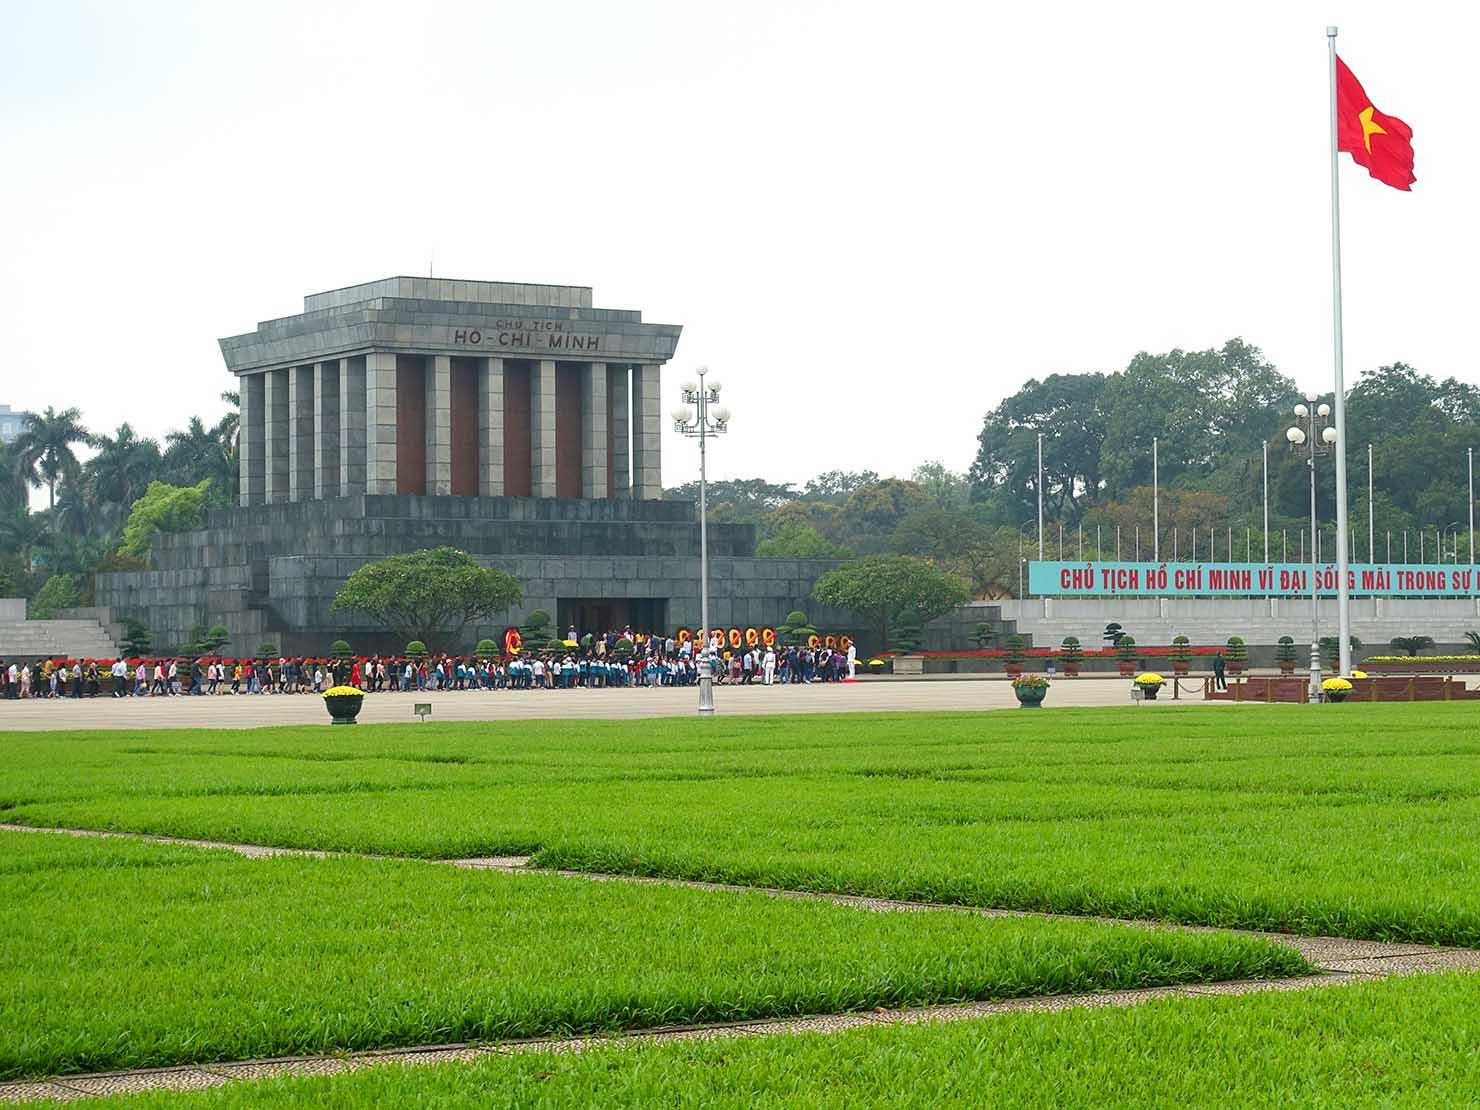 ベトナム・ハノイ旧市街の観光スポット「ホーチミン廟」